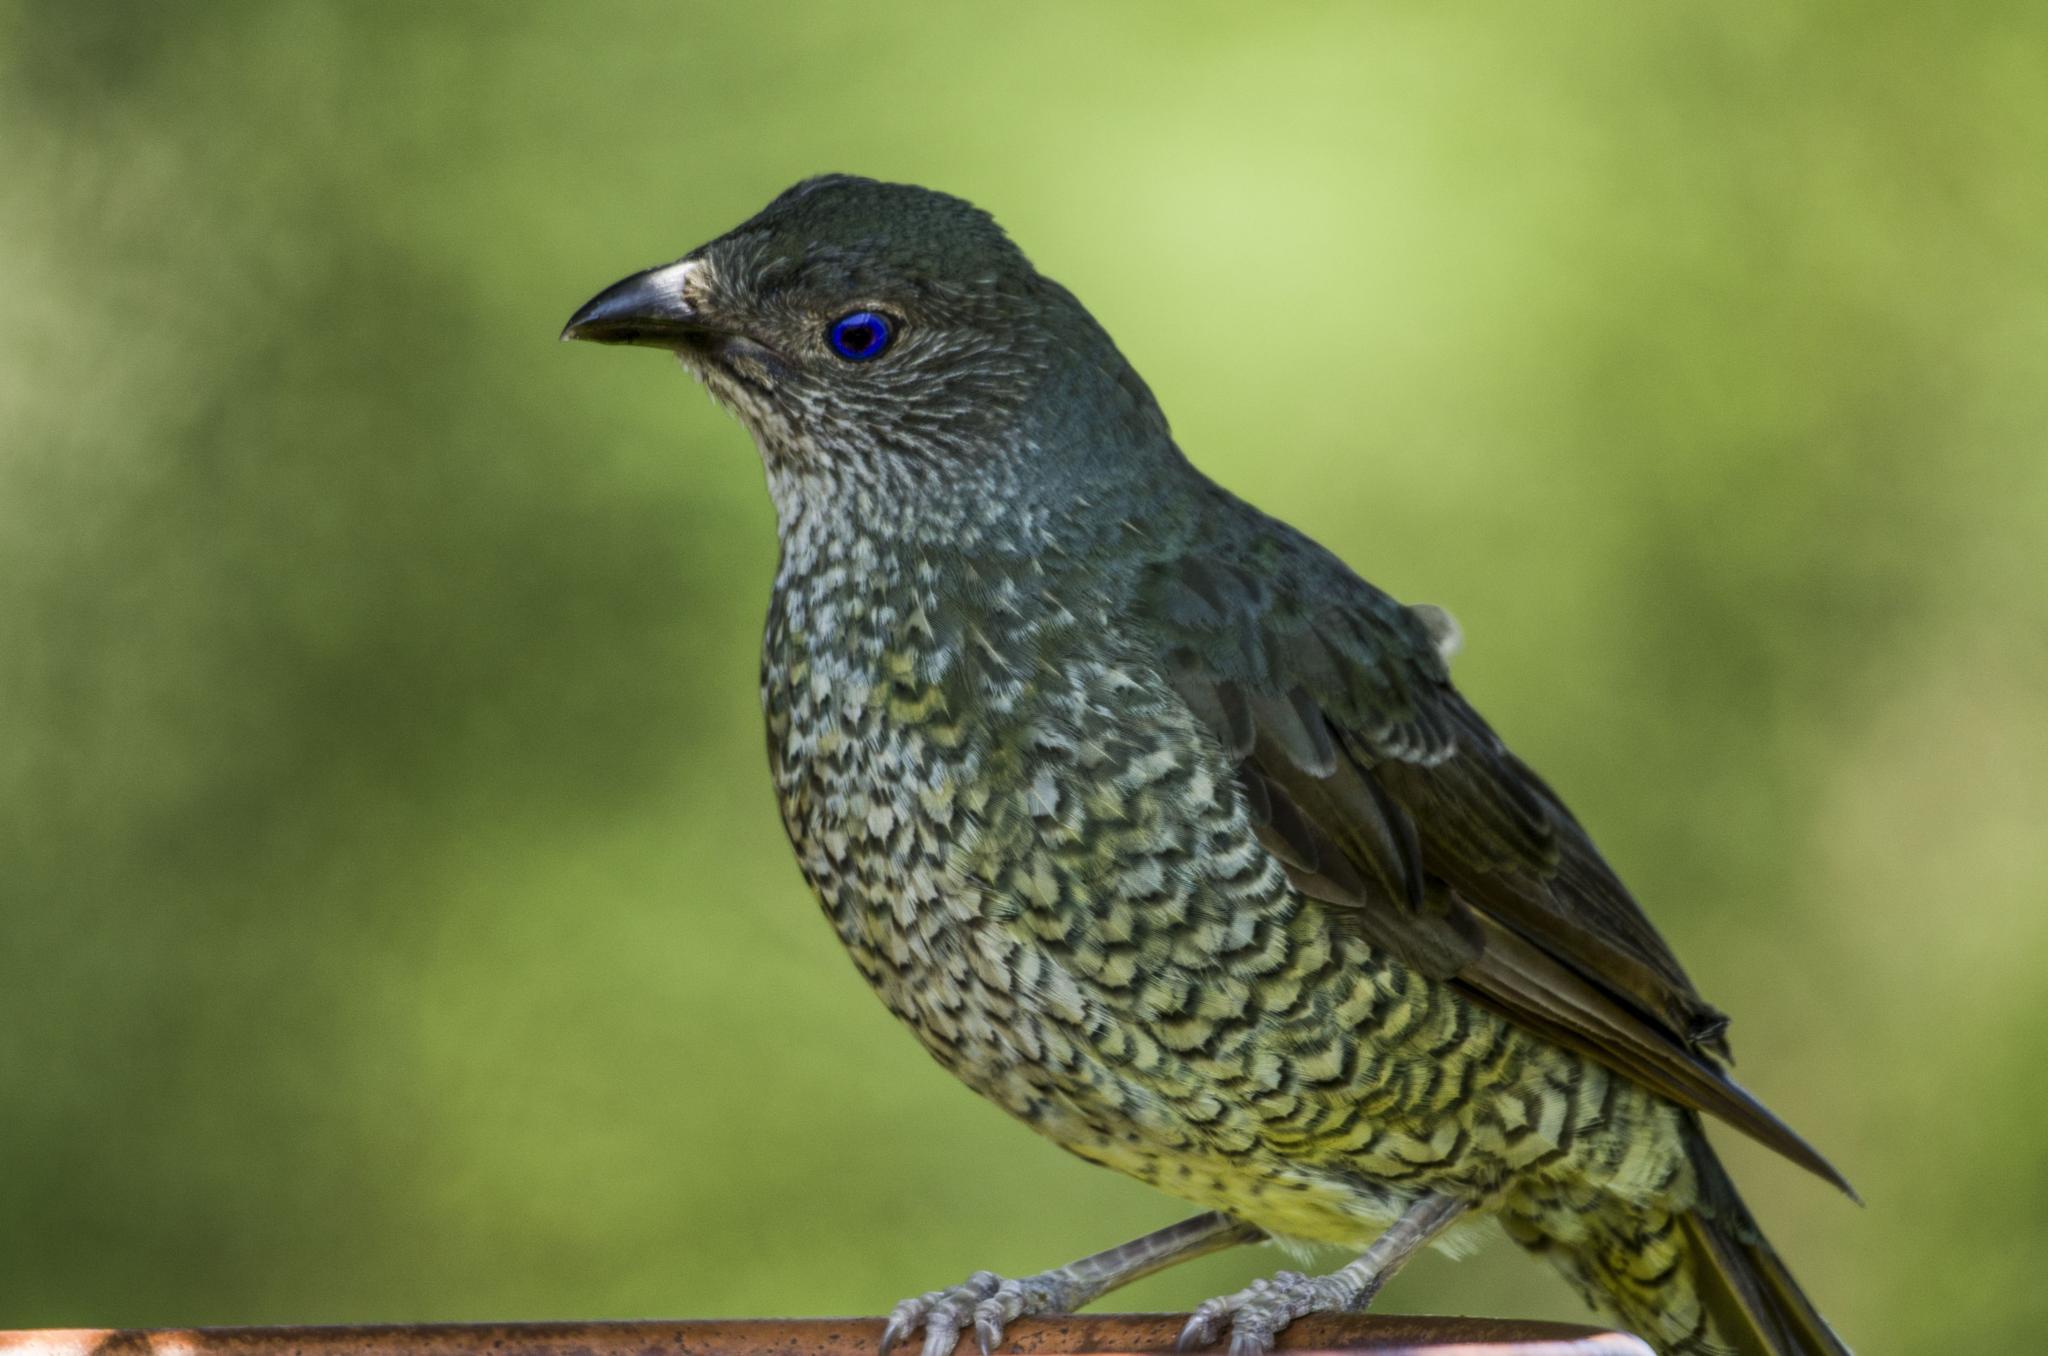 Satin Bowerbird by chrisgnixon